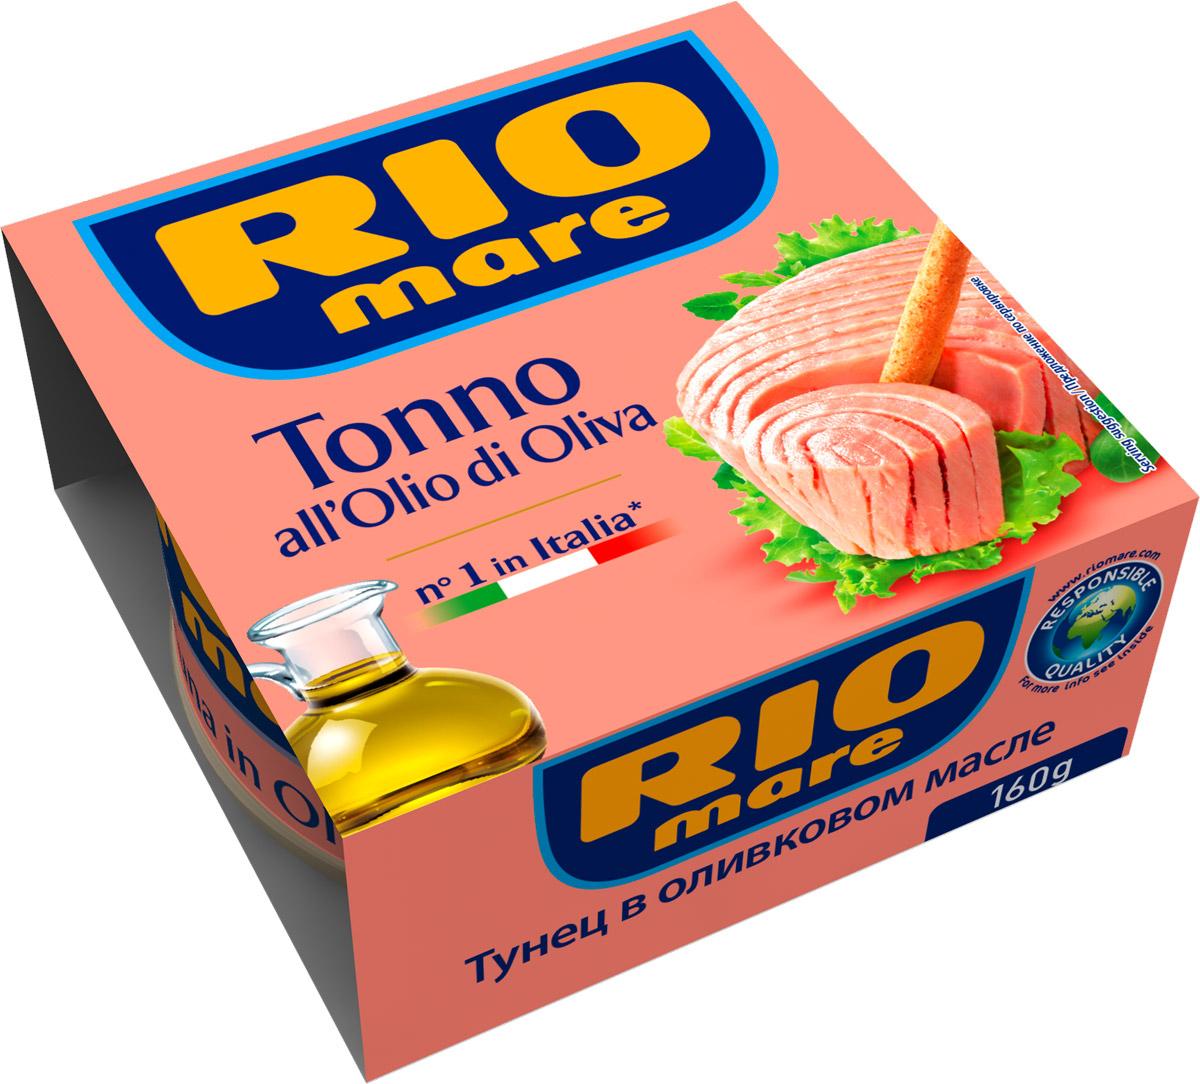 Rio Mare тунец в оливковом масле, 160 г0880559/1Тунец в оливковом масле всегда был самым популярным консервированным продуктом в Италии. Уникальный, ни с чем не сравнимый вкус тунца Rio Mare, обладающего розовым цветом и неизменным качеством. Высокое качество продукта обеспечивается за счет соблюдения строгого контроля и тщательного выполнения процессов обработки; тунец упаковывается в банки с добавлением только качественного оливкового масла и небольшого количества морской соли. Продукт идеален для приготовления различных блюд, от закусок до салатов из свежих овощей и питательных салатов.